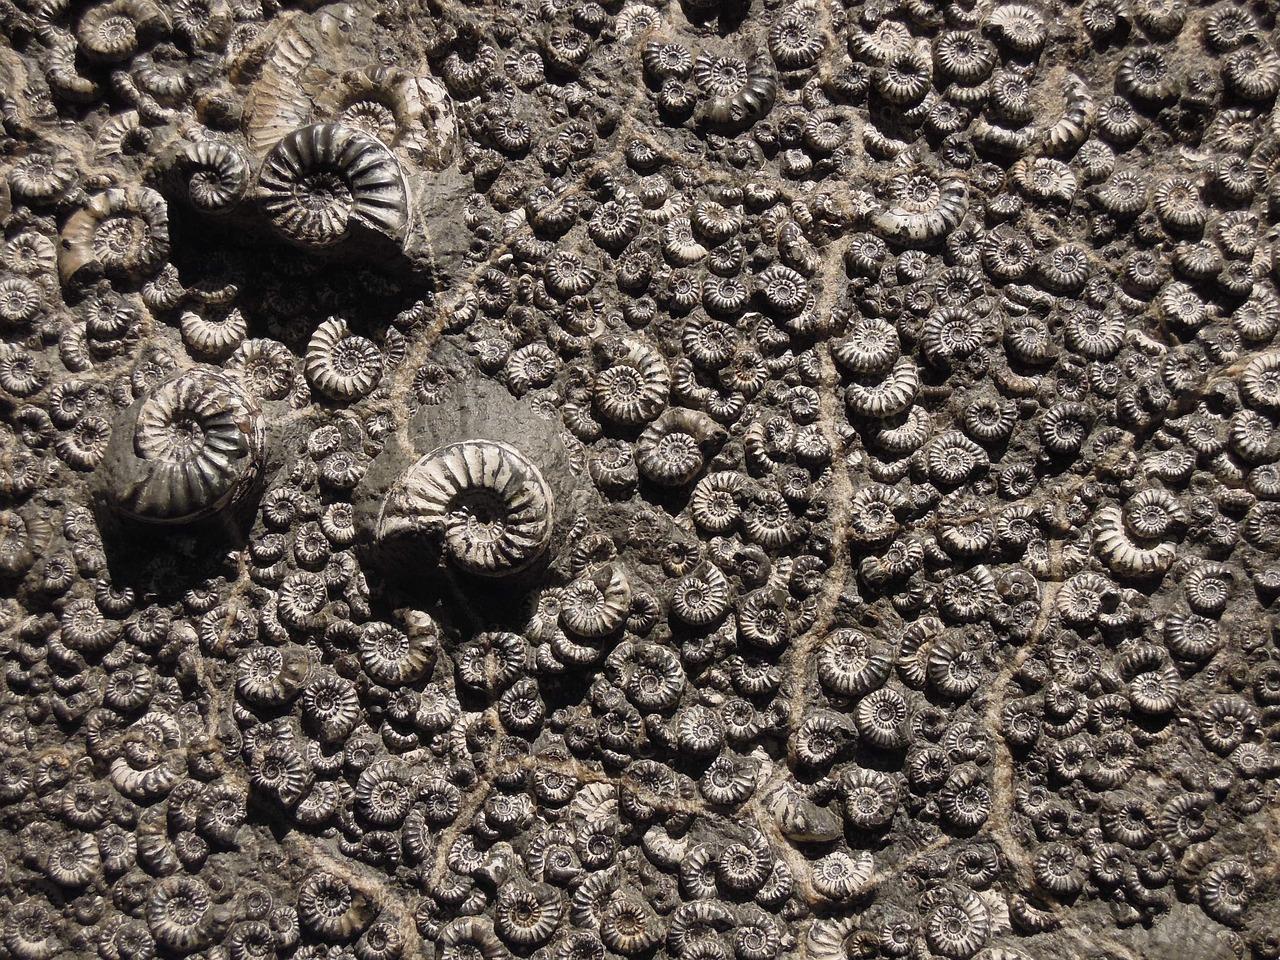 fossil-1969912_1280.jpg